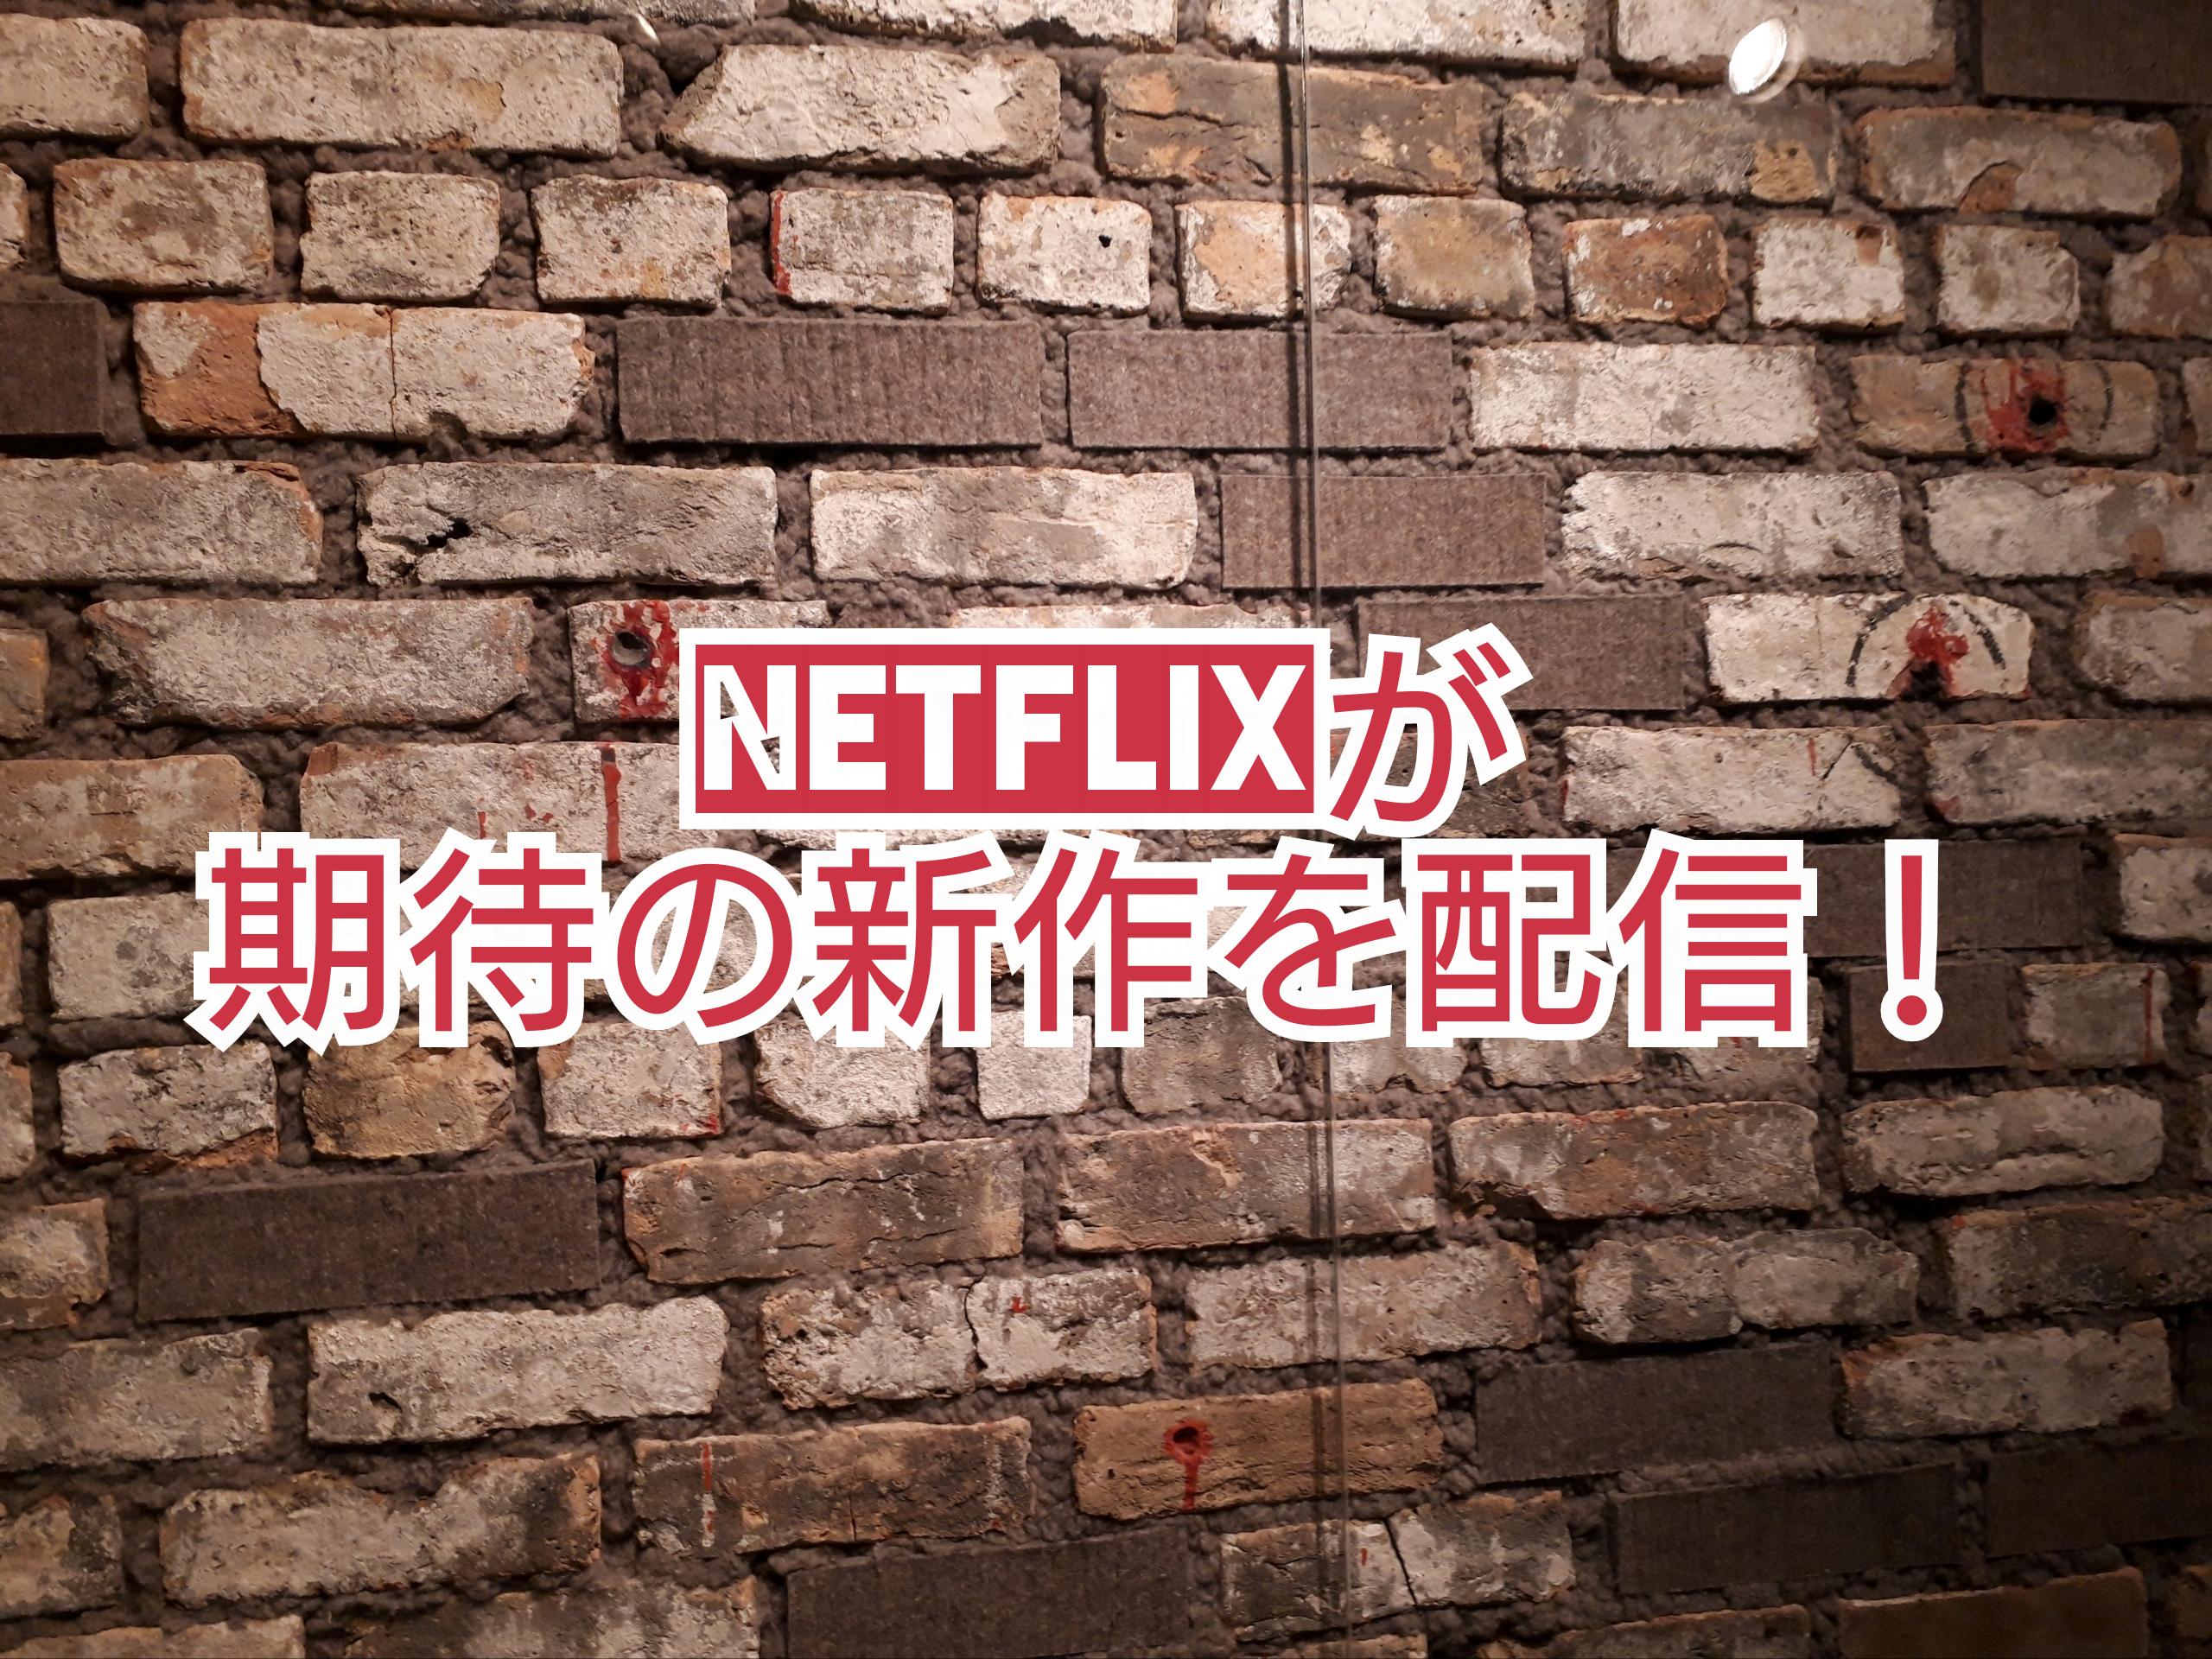 Netflix フィアーシティ ニューヨークvsマフィア